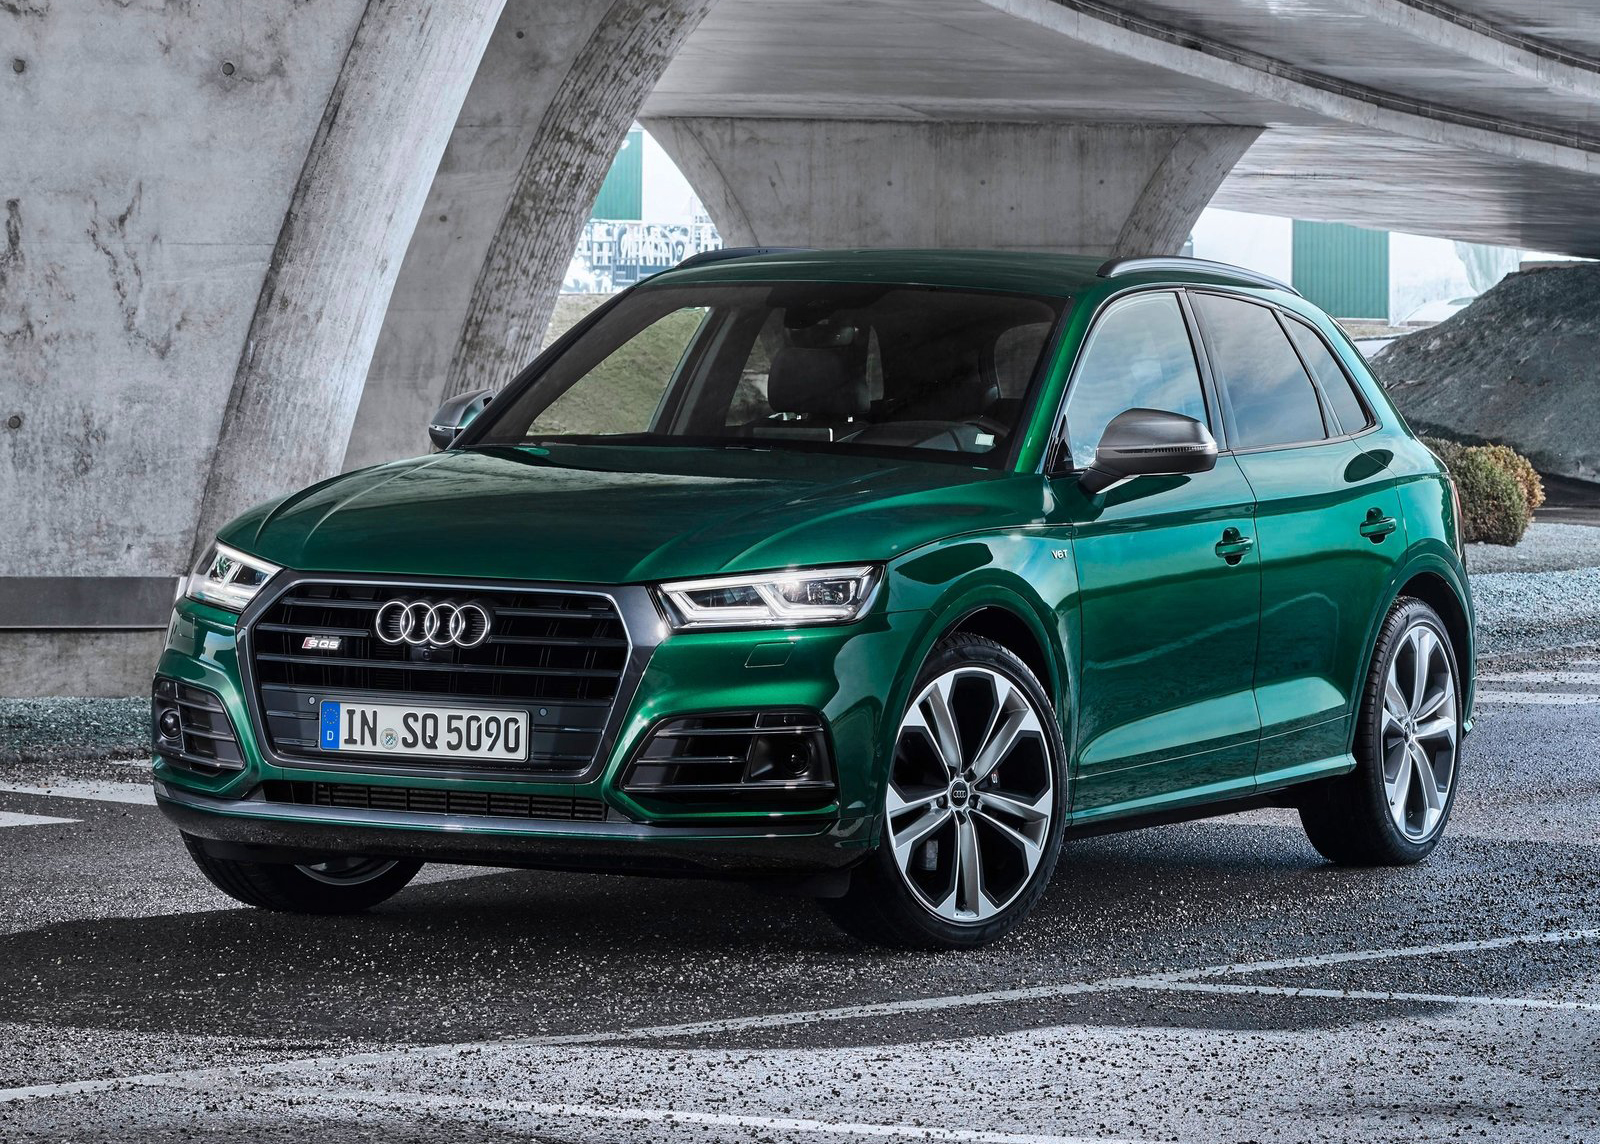 Galería Revista de coches, - Audi SQ5 TDI 2020 - Audi SQ5 ...